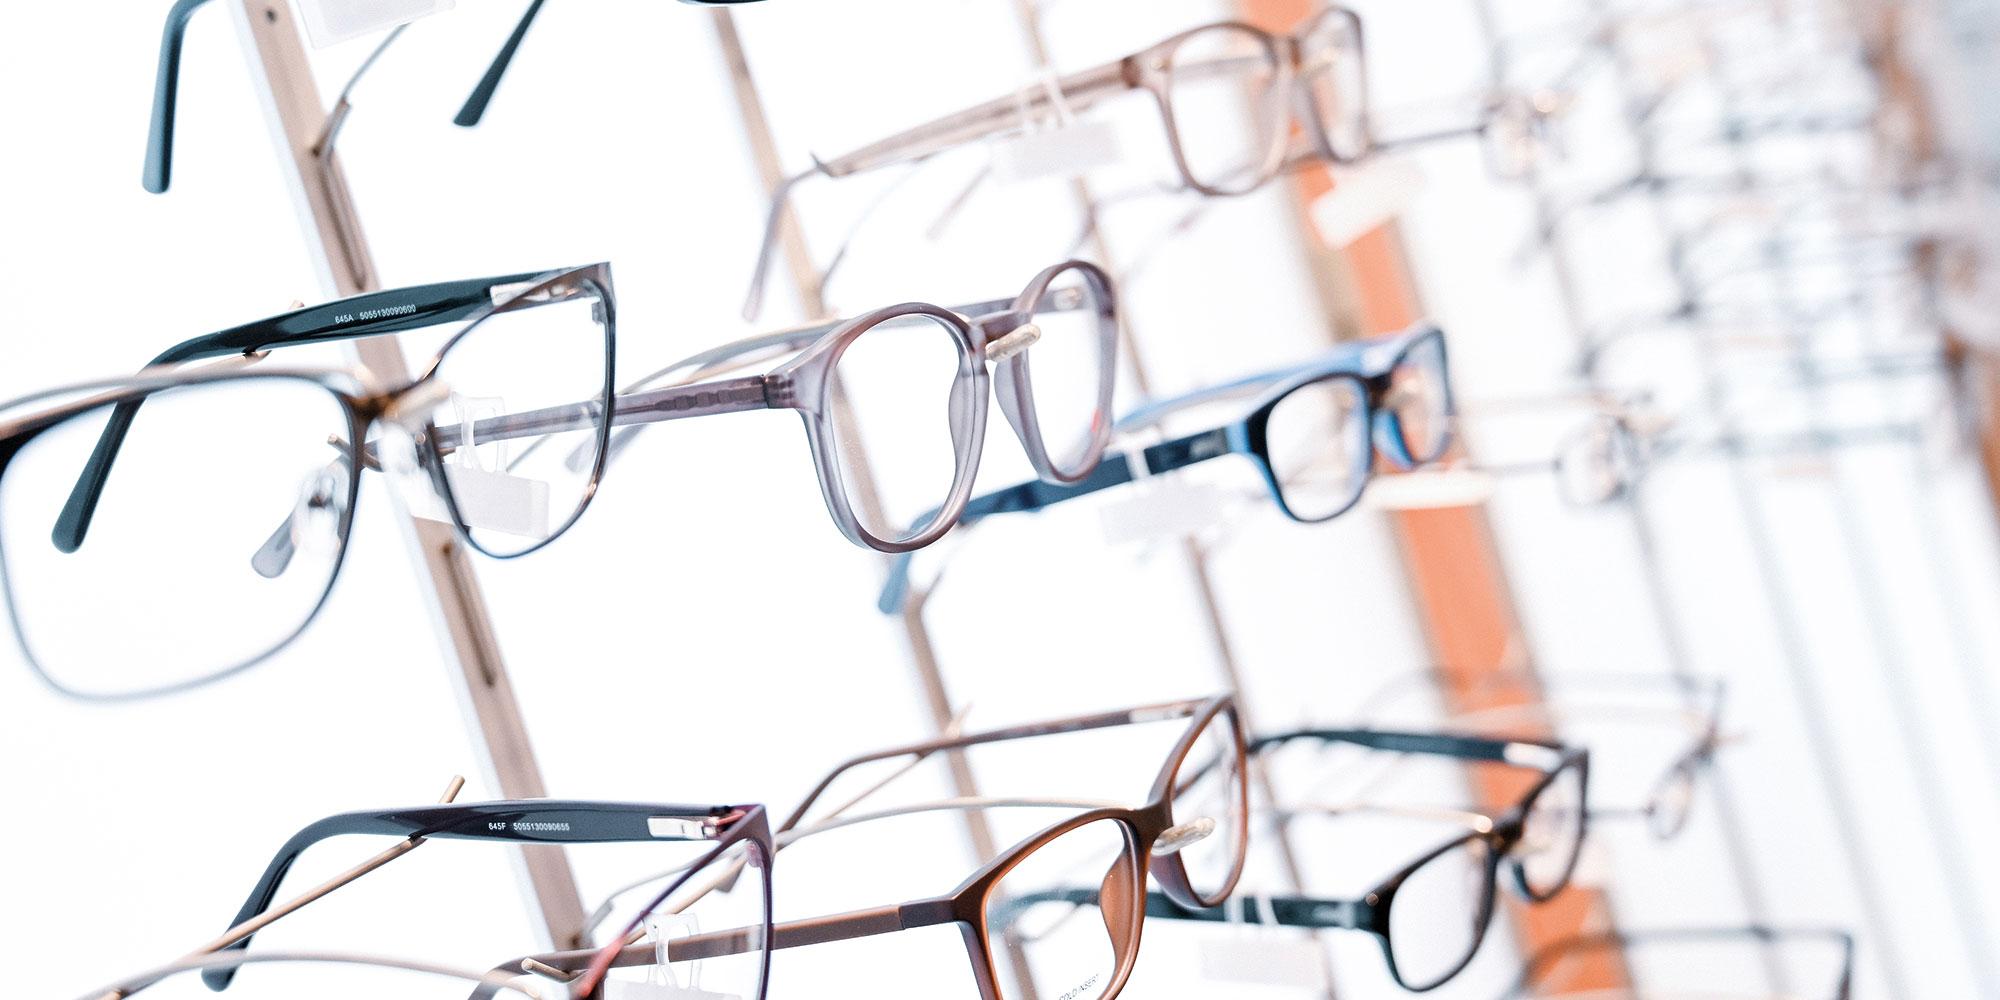 Brillenauswahl